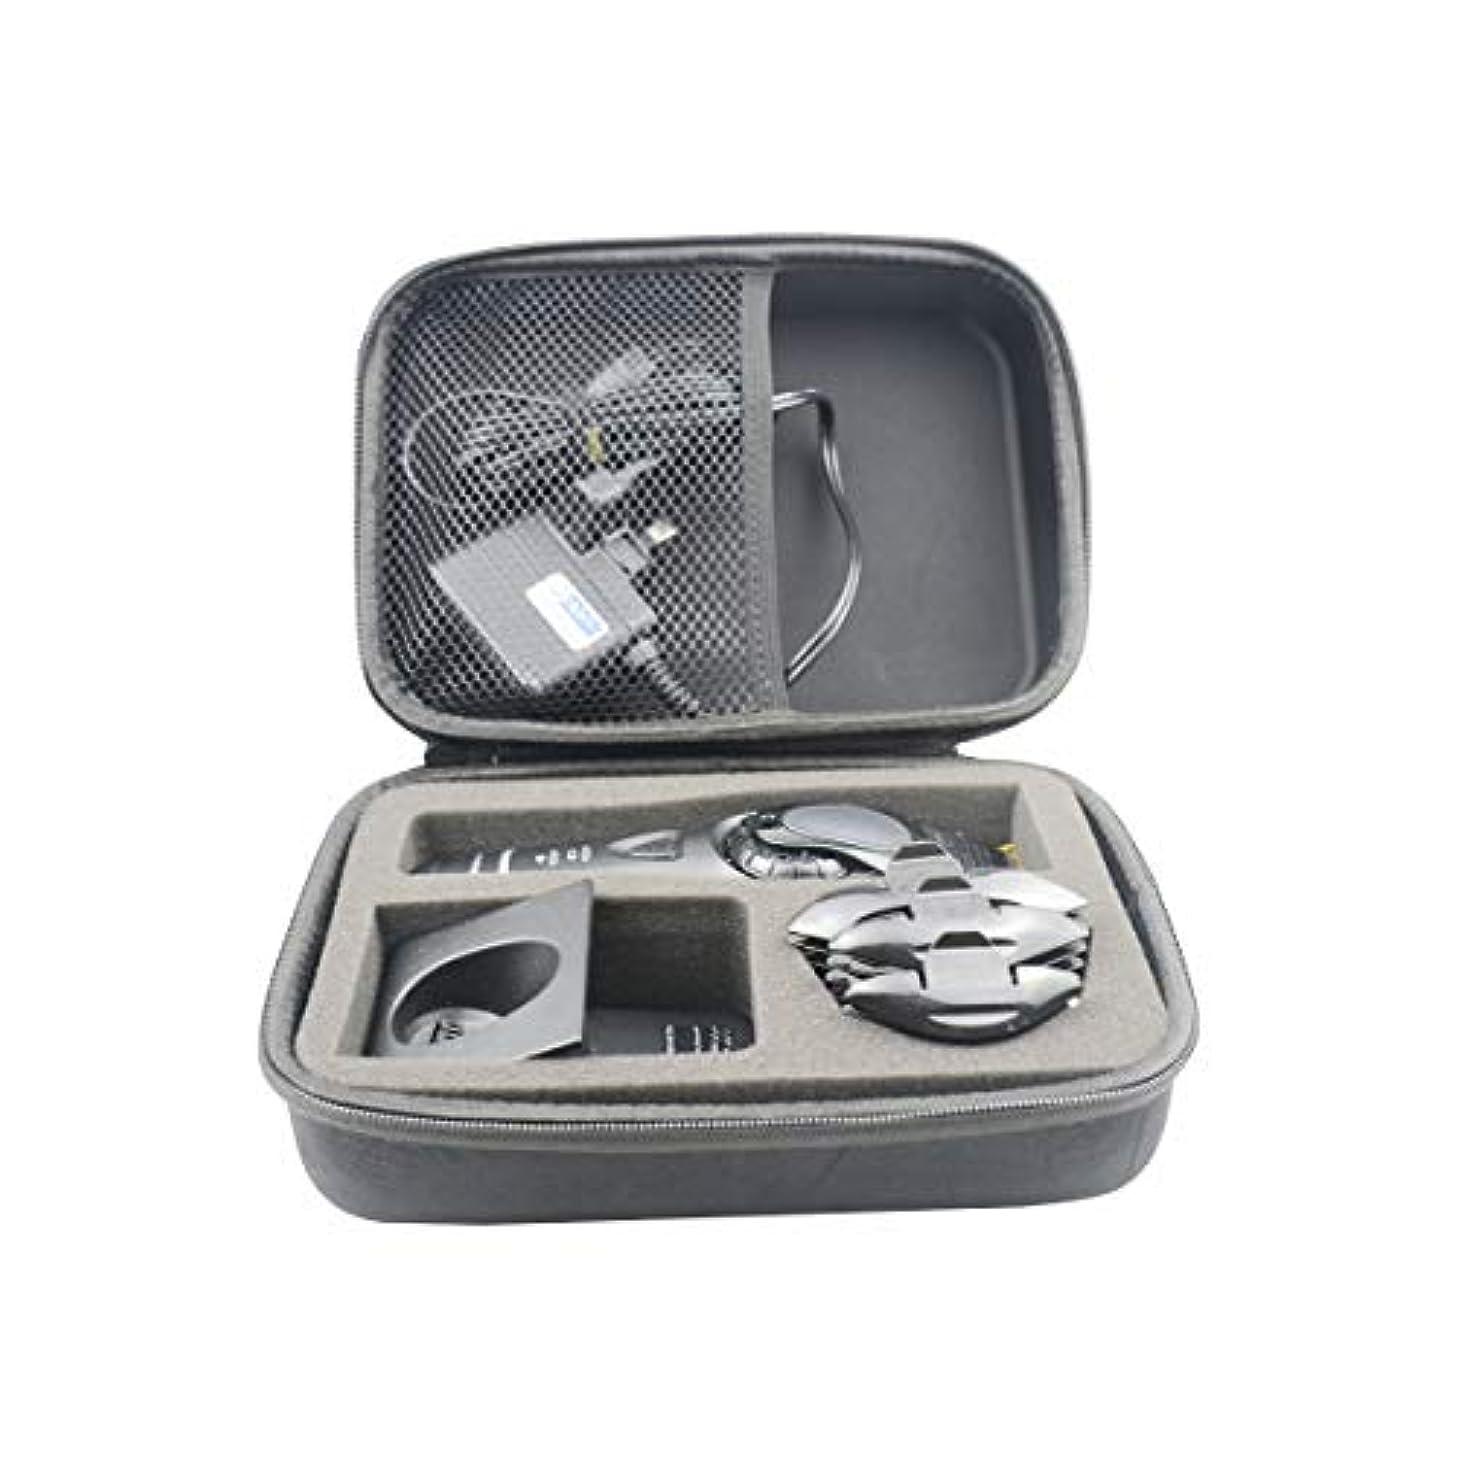 タービン収穫アジテーションSANVSENパナソニックER-GP80 Kプロフェッショナルヘアクリッパーハードスーツケース